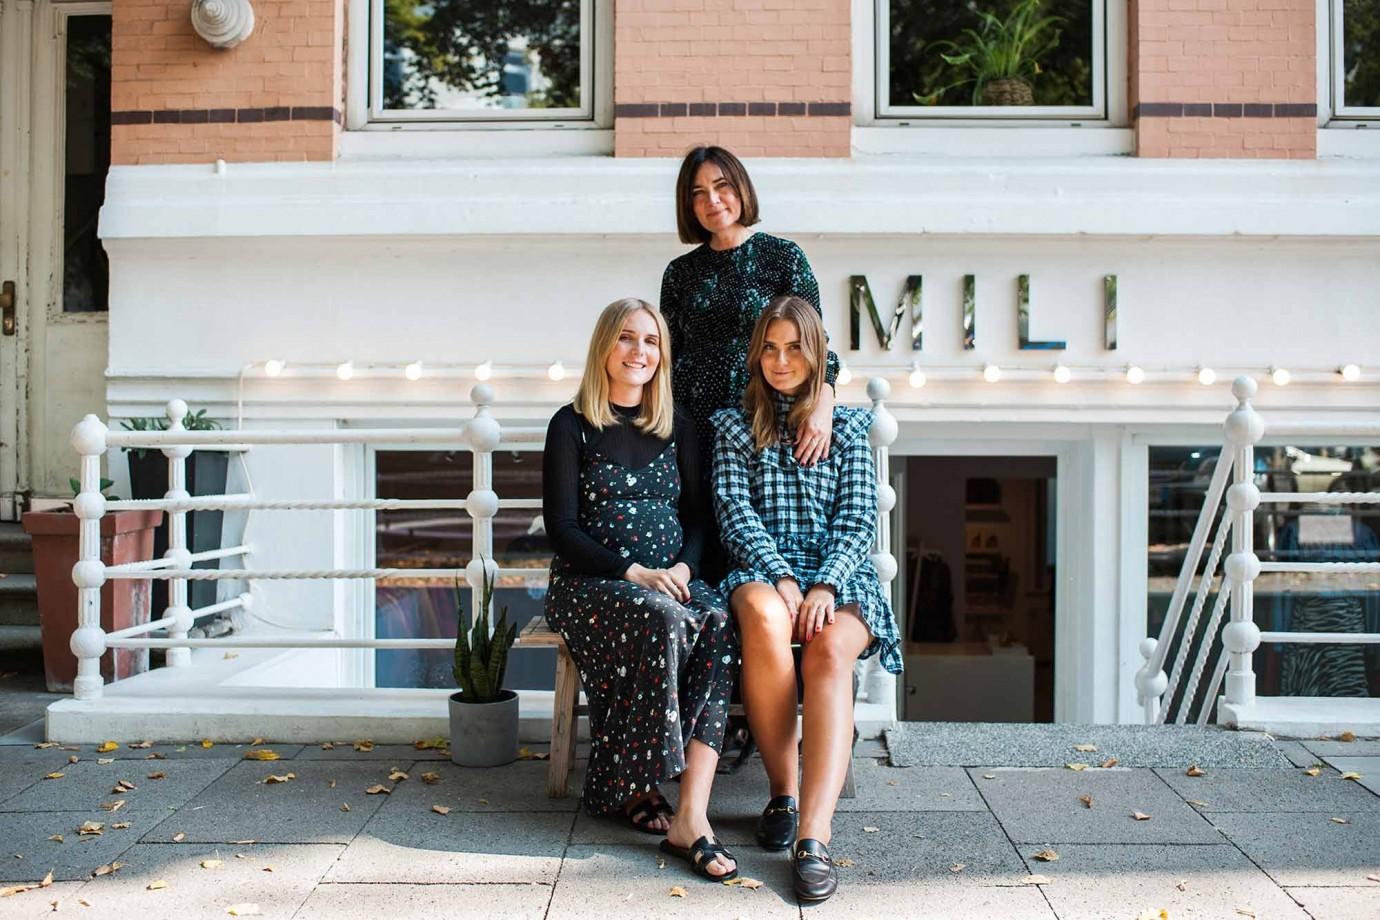 """Die Isländerinnen Frida Björk Tomasdottir und ihre Töchter Sara und Heidi Bjarnadóttir haben vor fast sechs Jahren den skandinavischen Laden """"mili"""" im Hamburger Stadtteil Poppenbüttel eröffnet. Credits: Sarah Buth"""